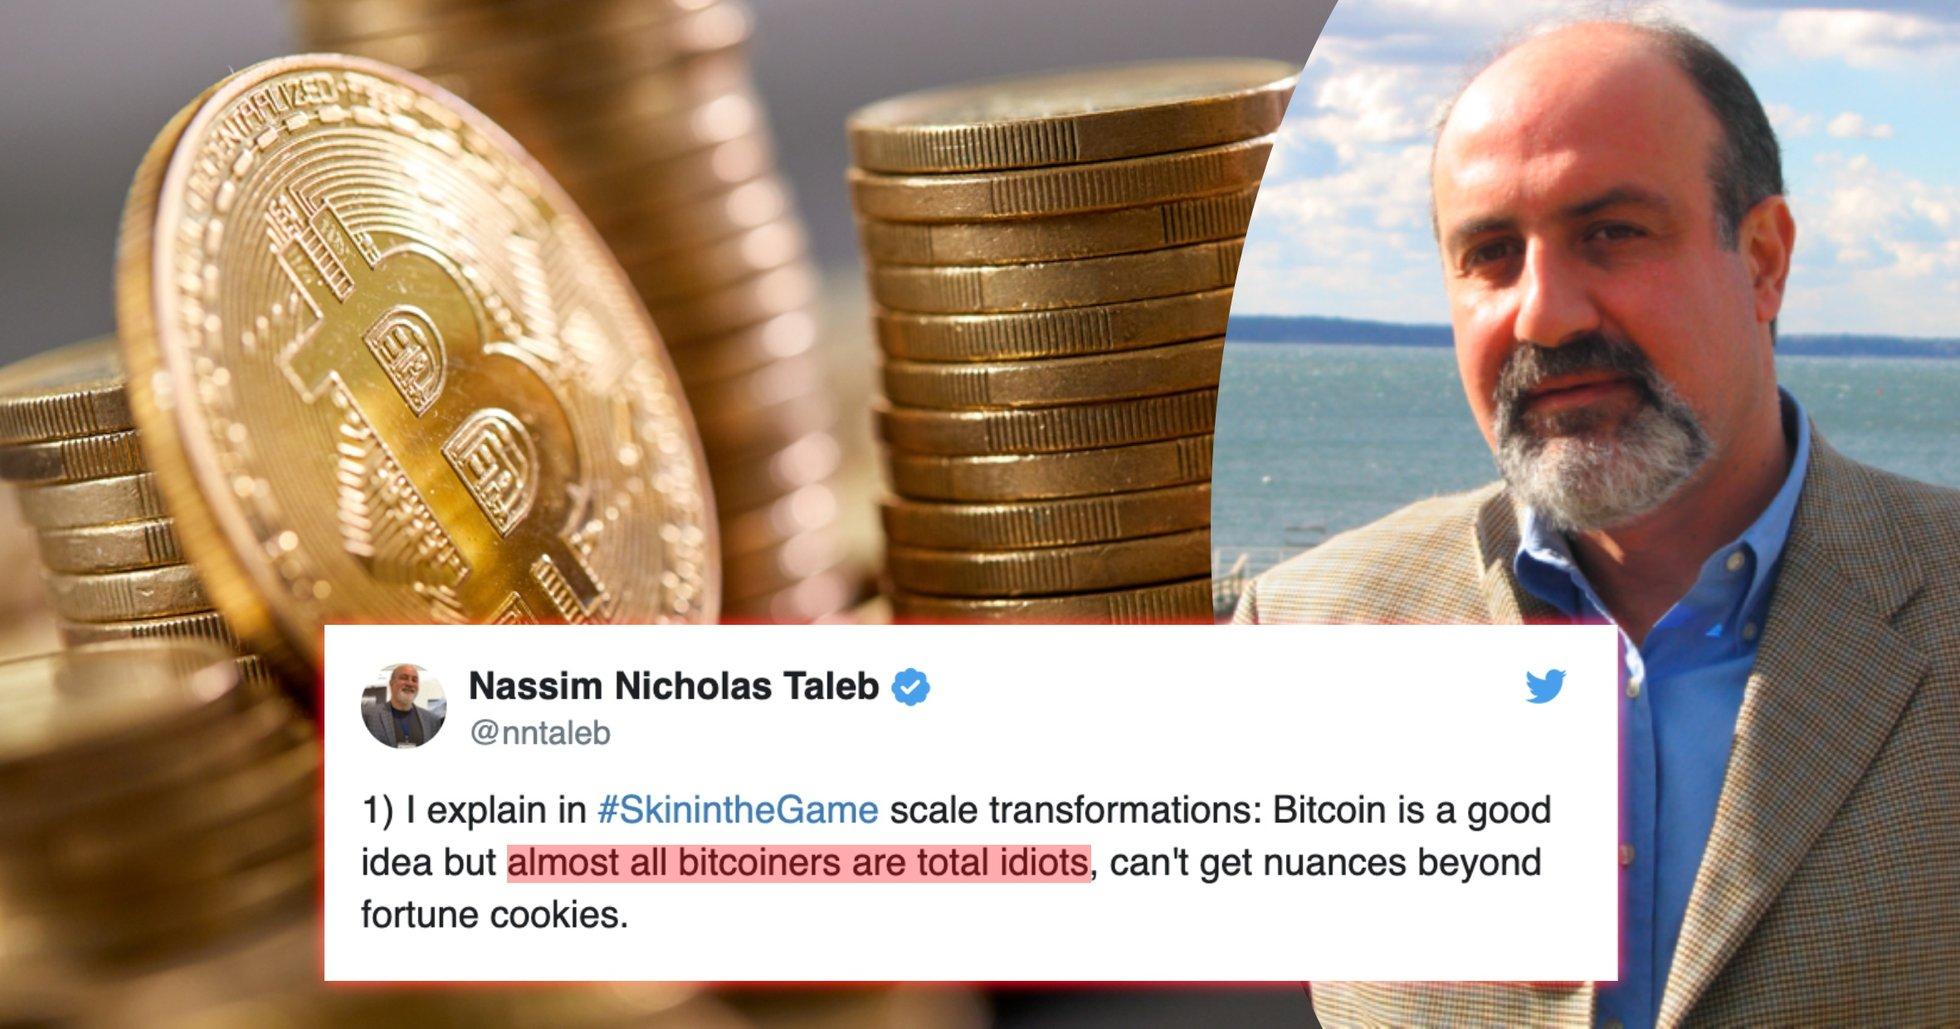 Känd författare: Nästan alla som håller på med bitcoin är idioter